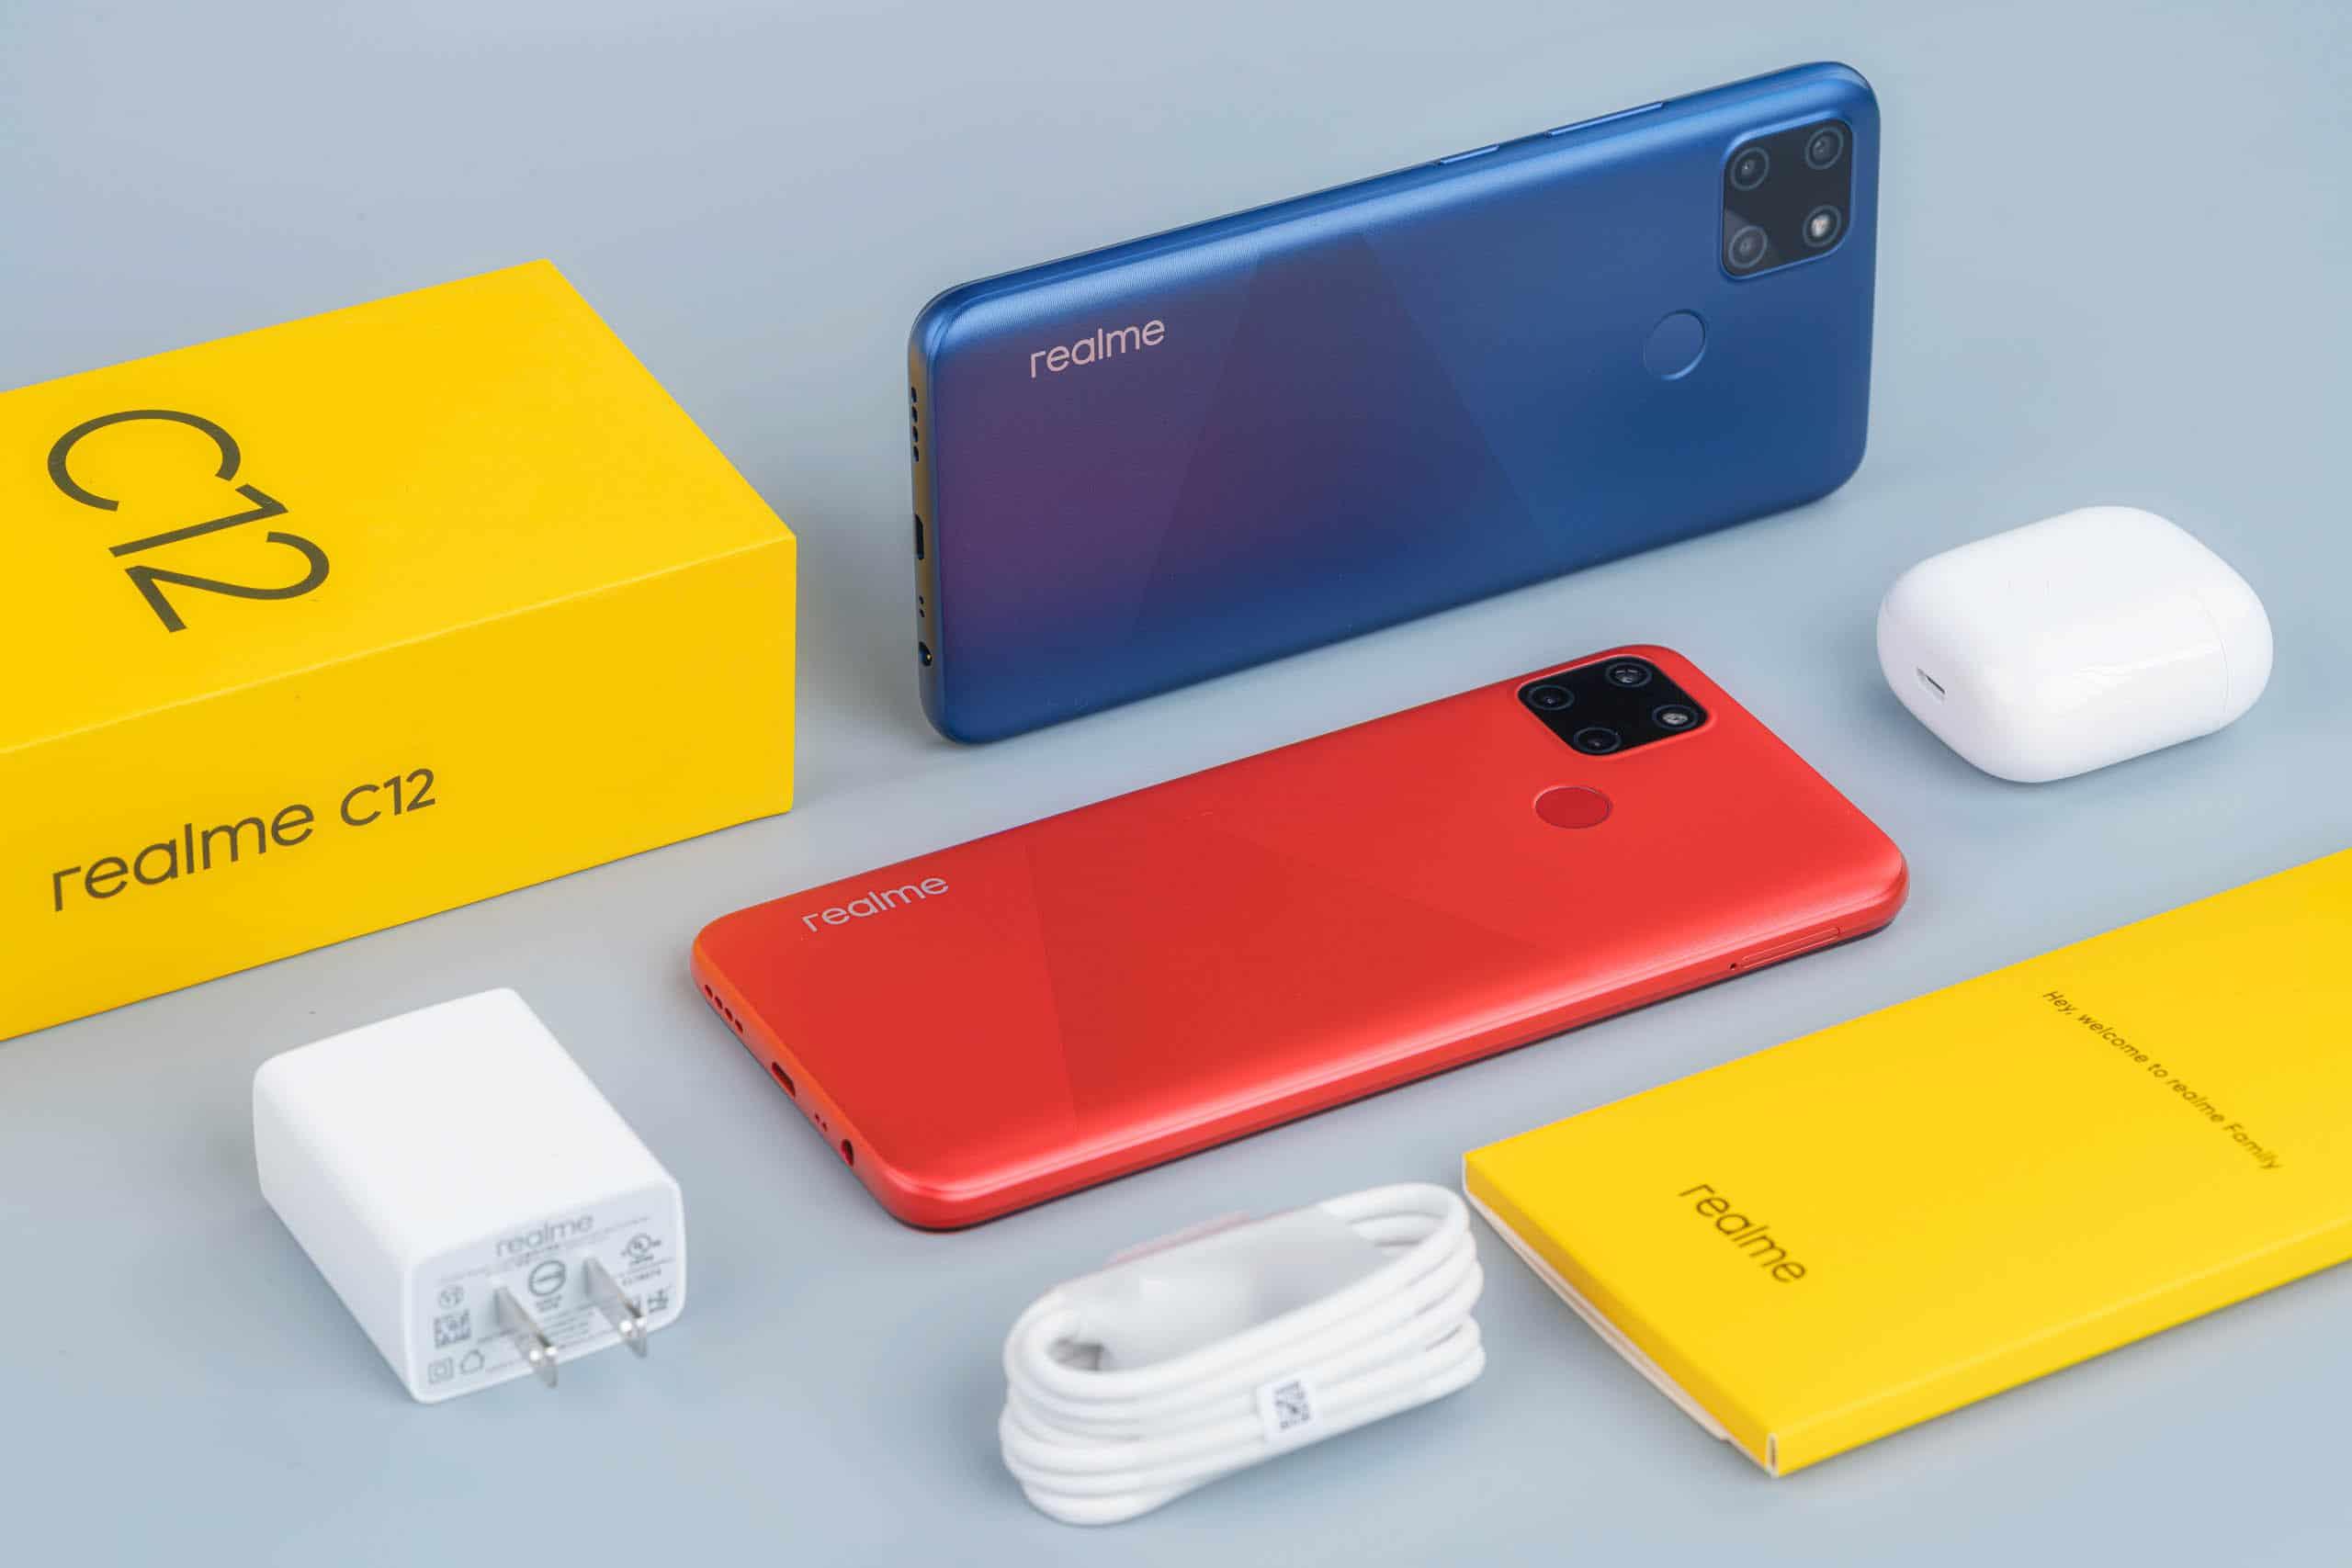 Realme ra mắt Realme C12: pin 6000mAh, 3 camera, màn hình giọt sương 6.5 inch